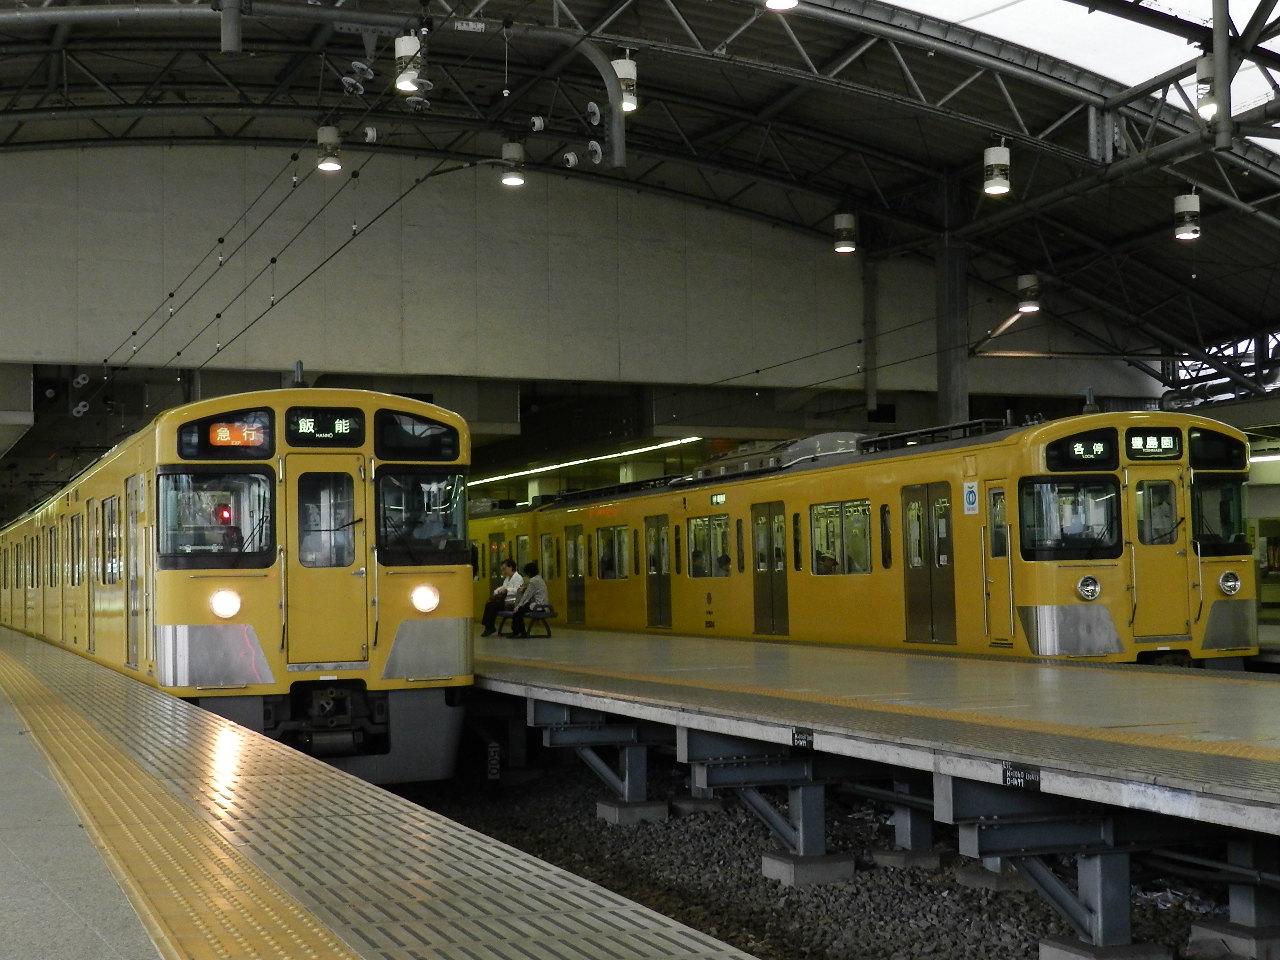 DSCN4943.jpg